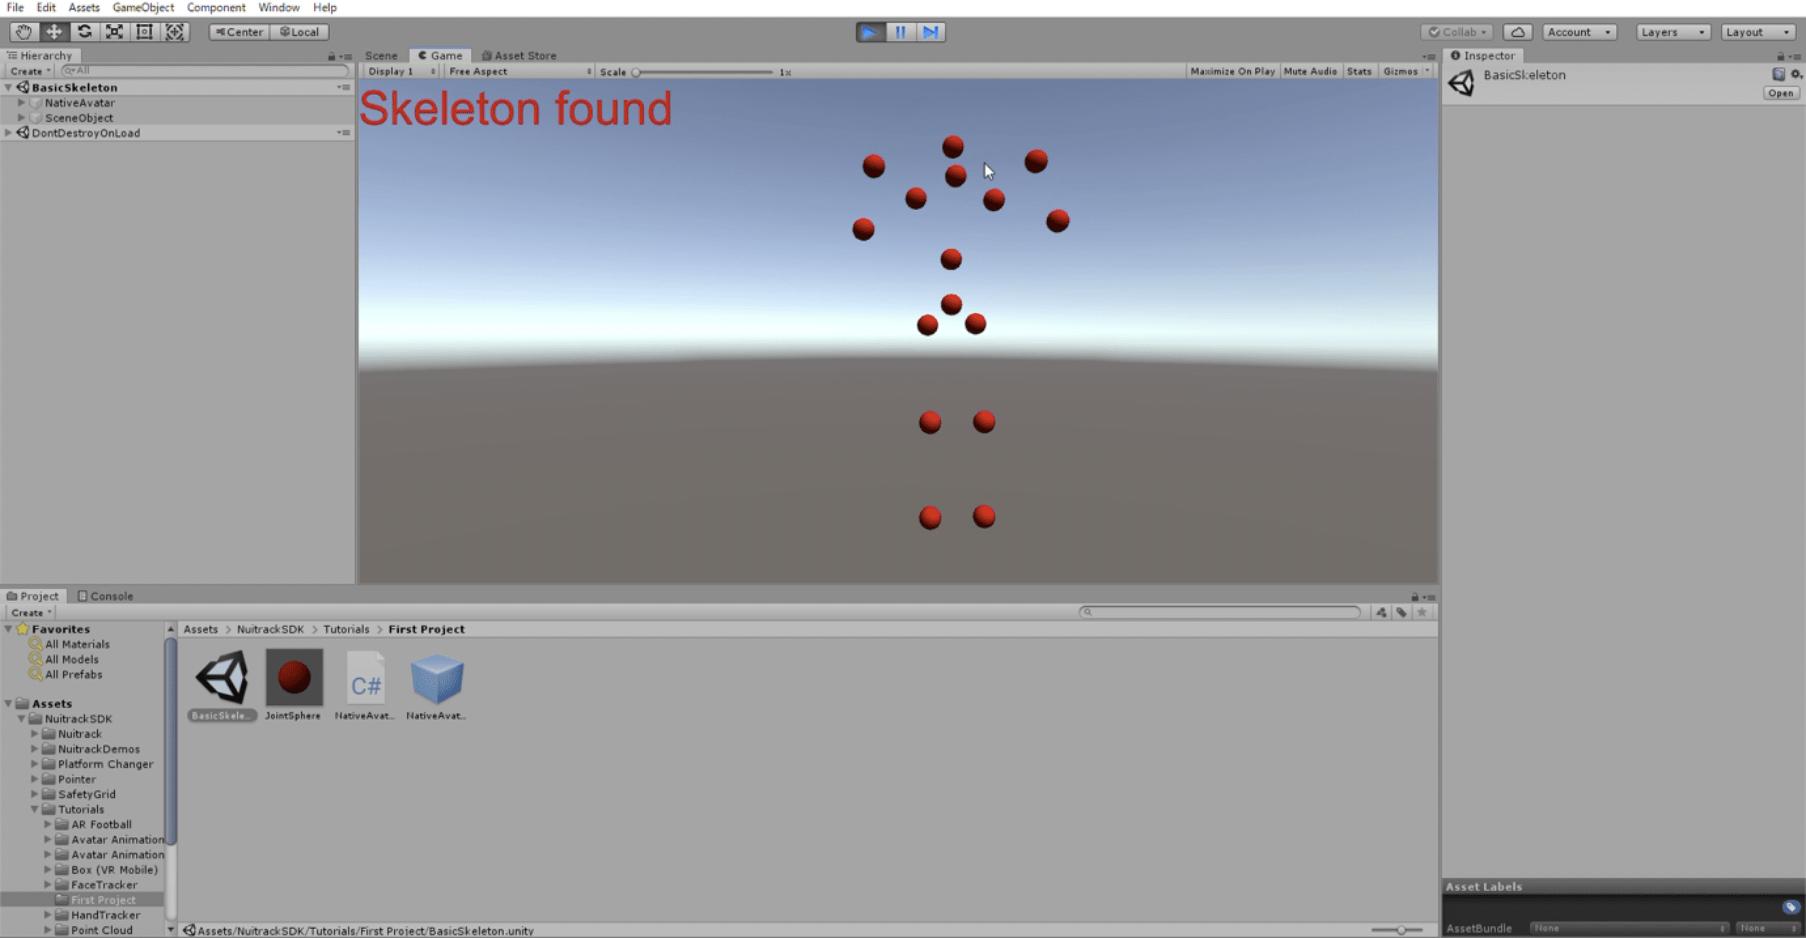 Xtion2が人を捉えると赤い玉の人型モデルが表示された